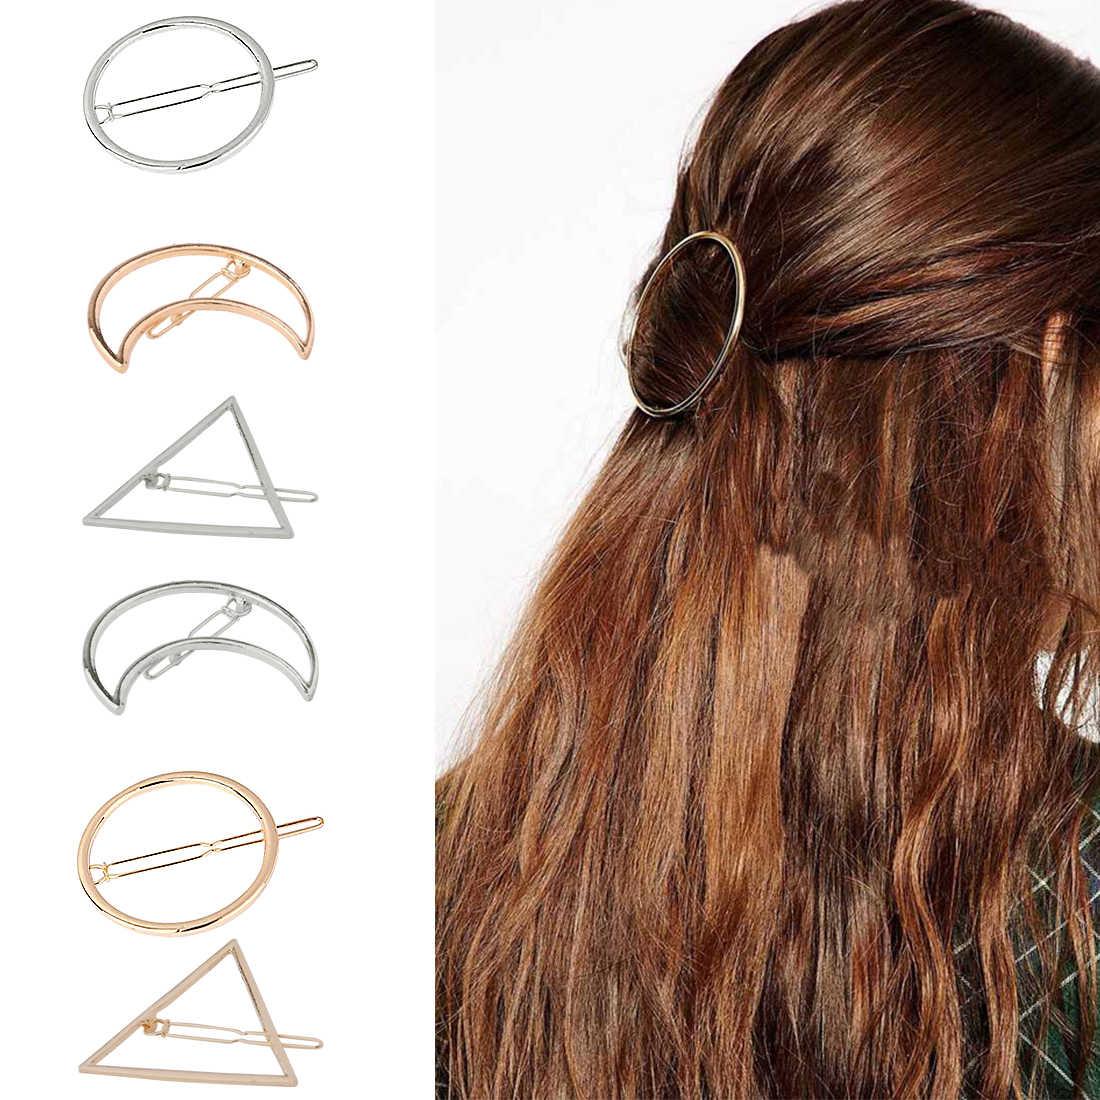 Pinza de pelo con forma geométrica a la moda para mujer chica Punk ahueca hacia fuera el círculo de la luna